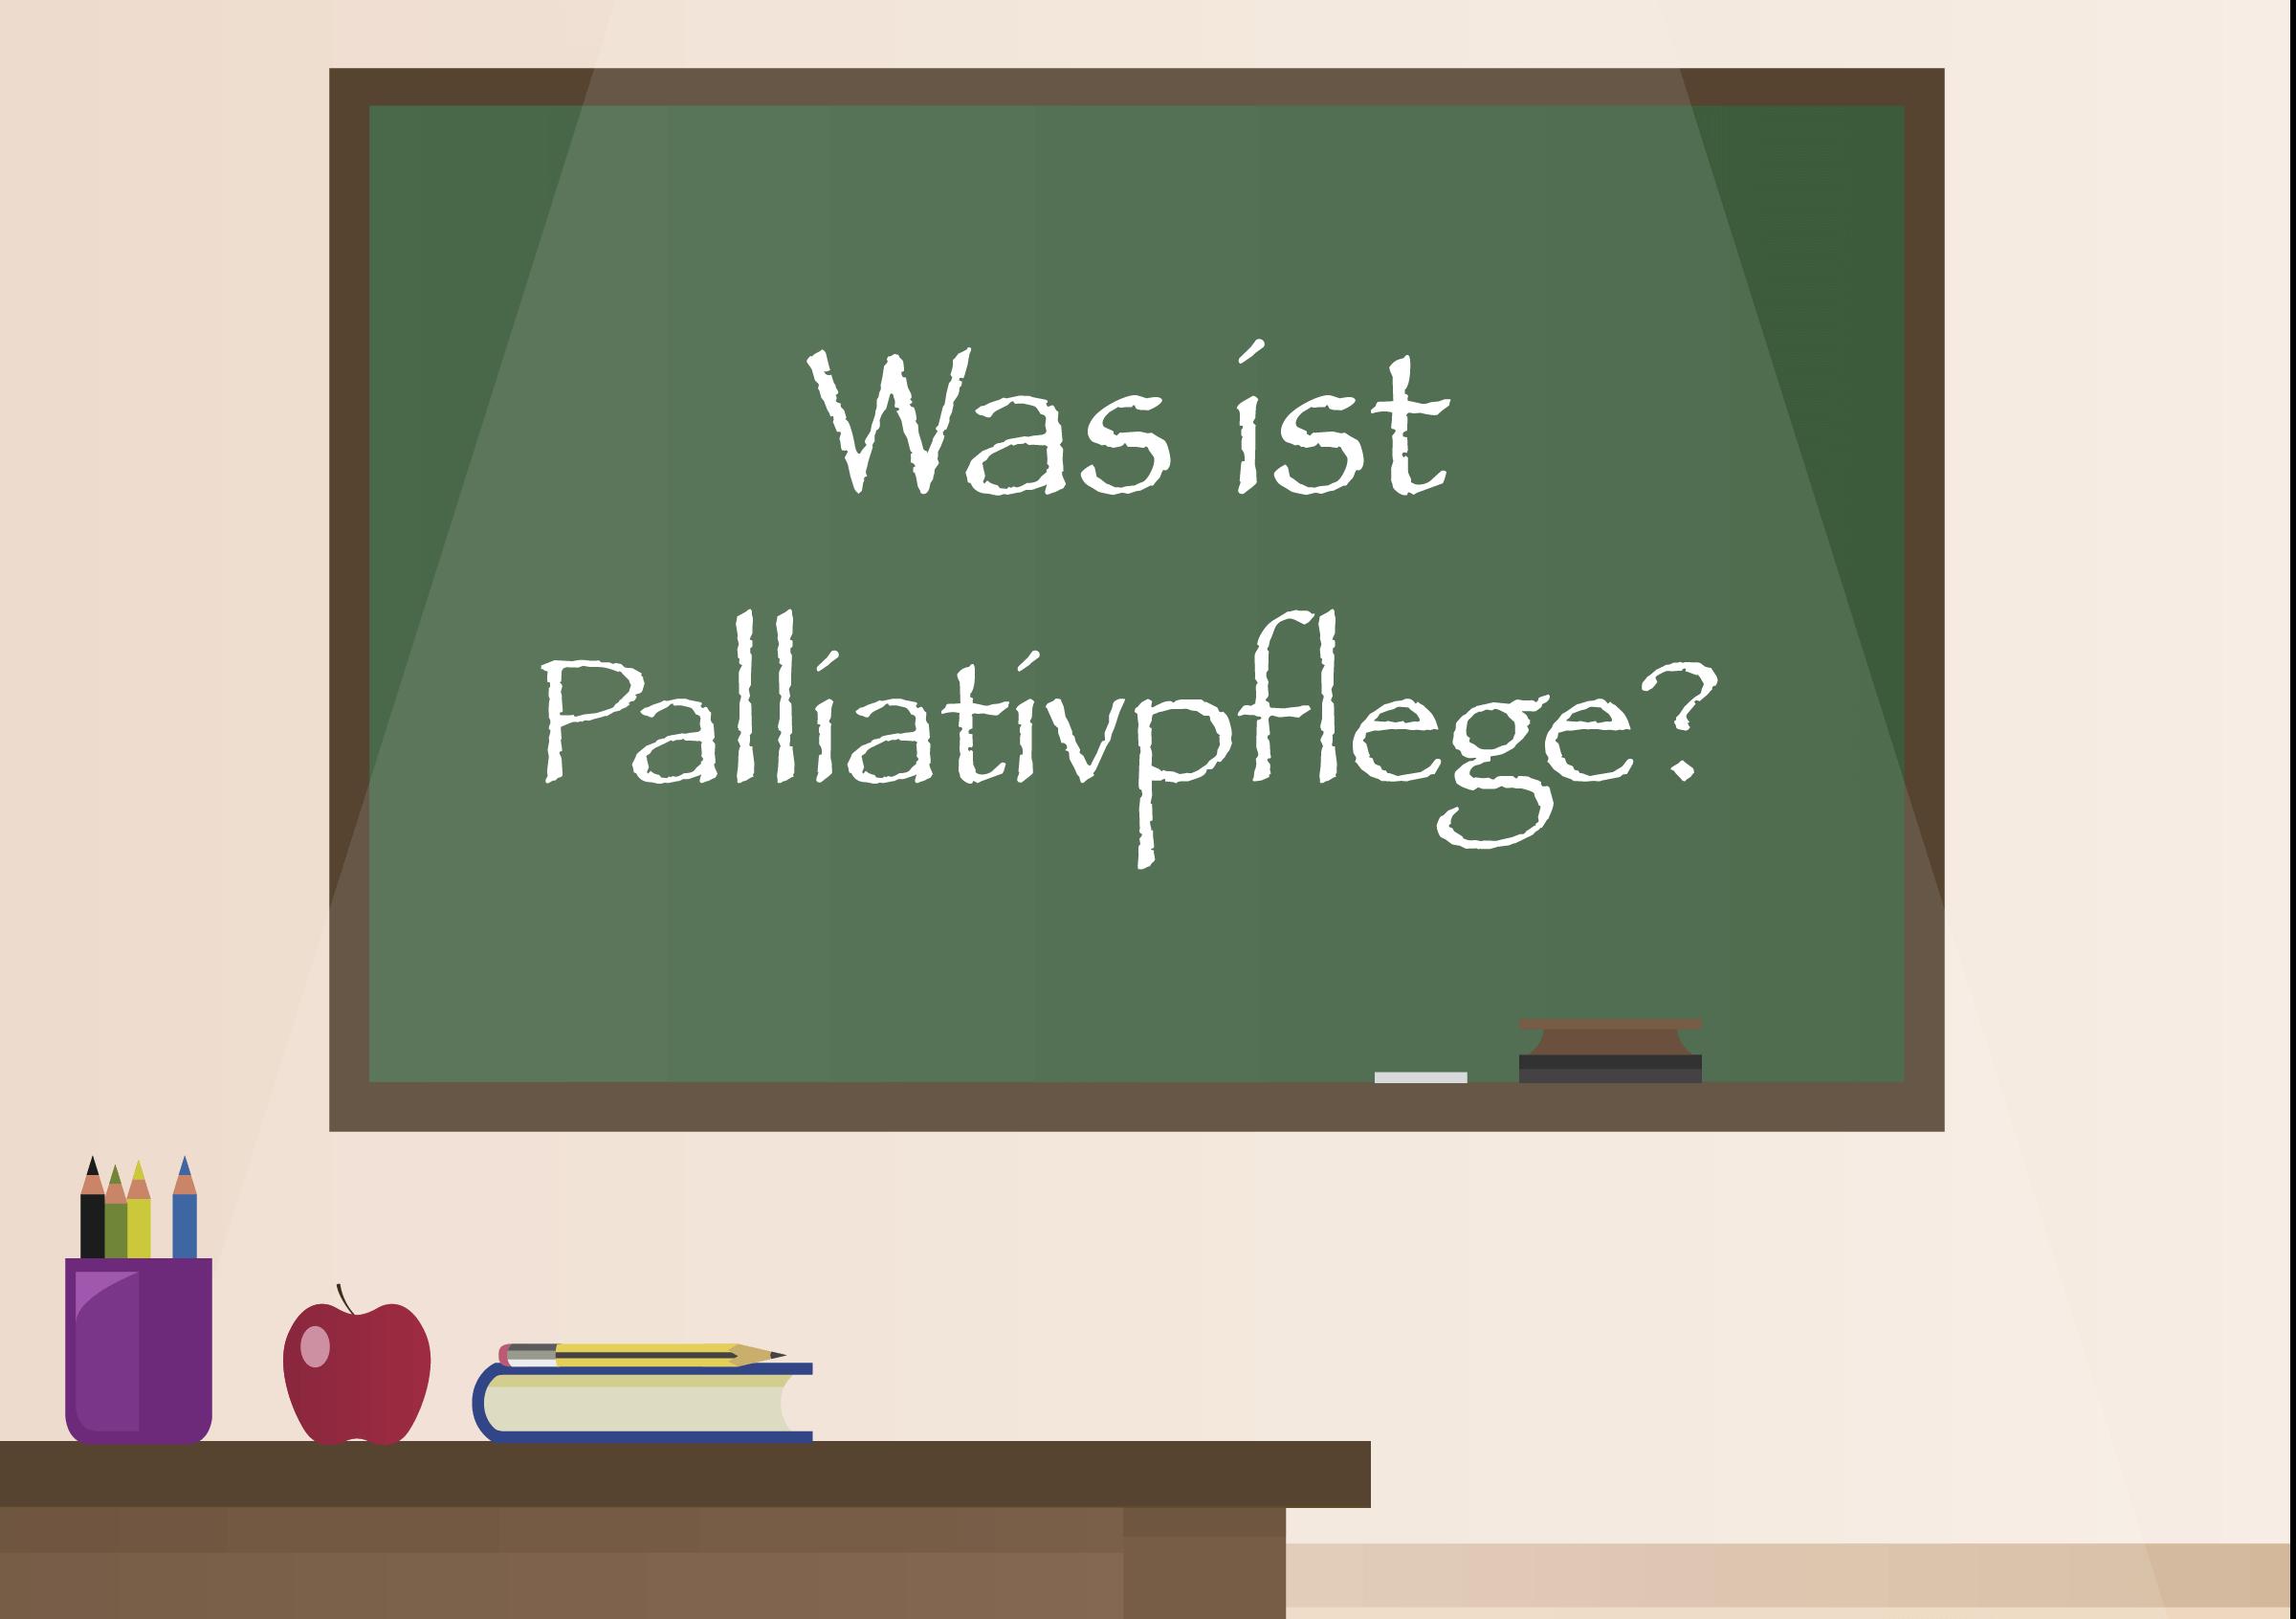 Was ist Palliativpflege?